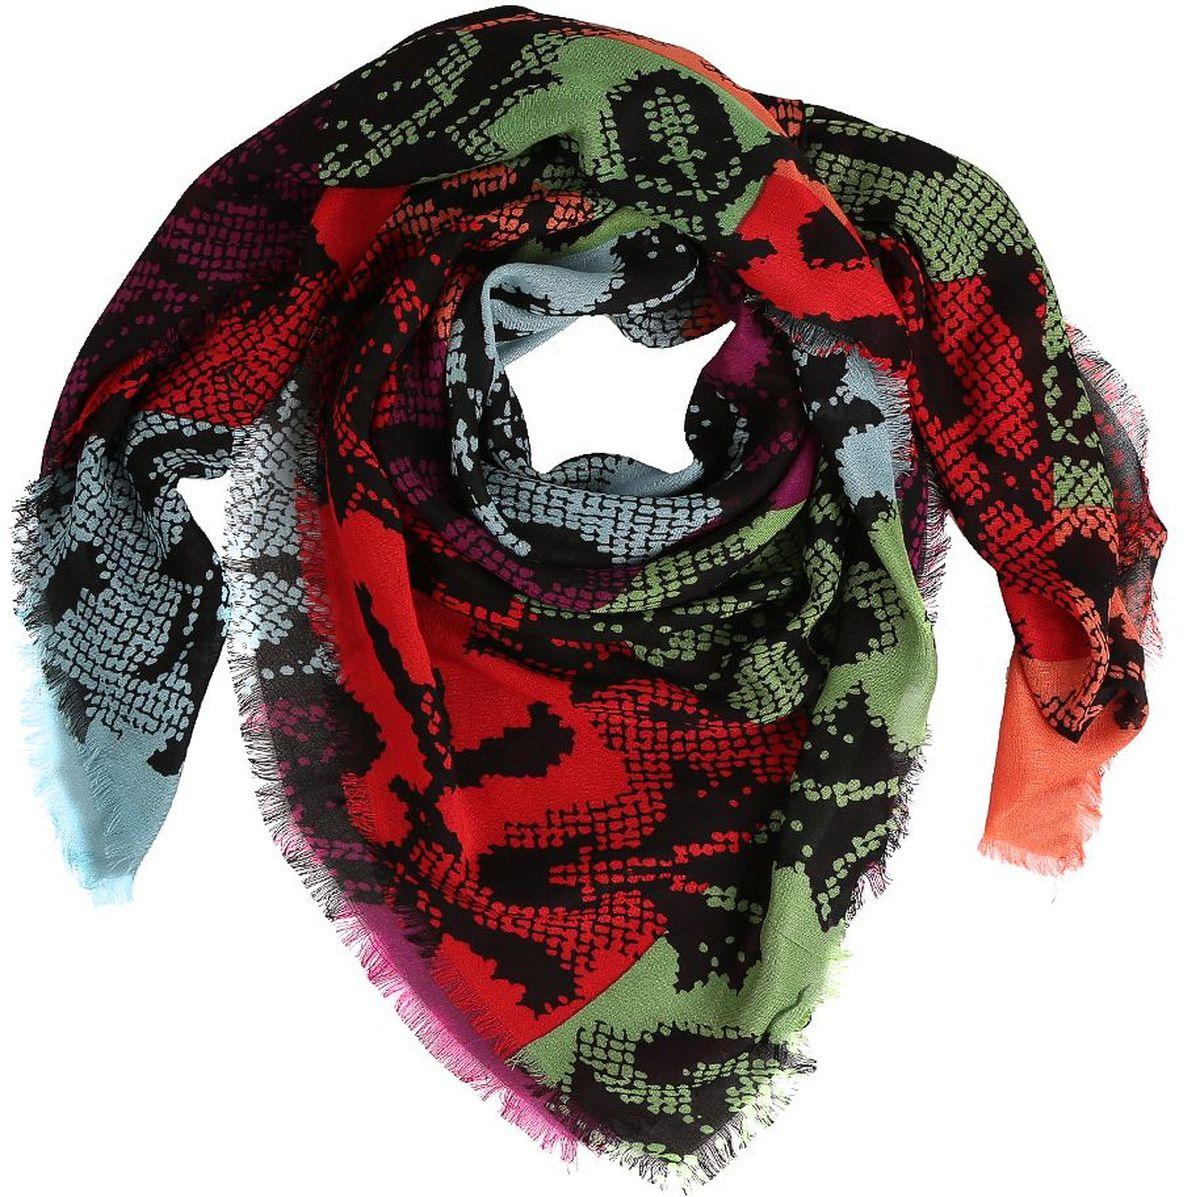 Платок Fabretti, цвет: красный, зеленый, черный. 28083-A. Размер 120 см х 120 см28083-AЖенский платок Fabretti - легкий и с приятной фактурой. Завершающий штрих при создании яркого образа.